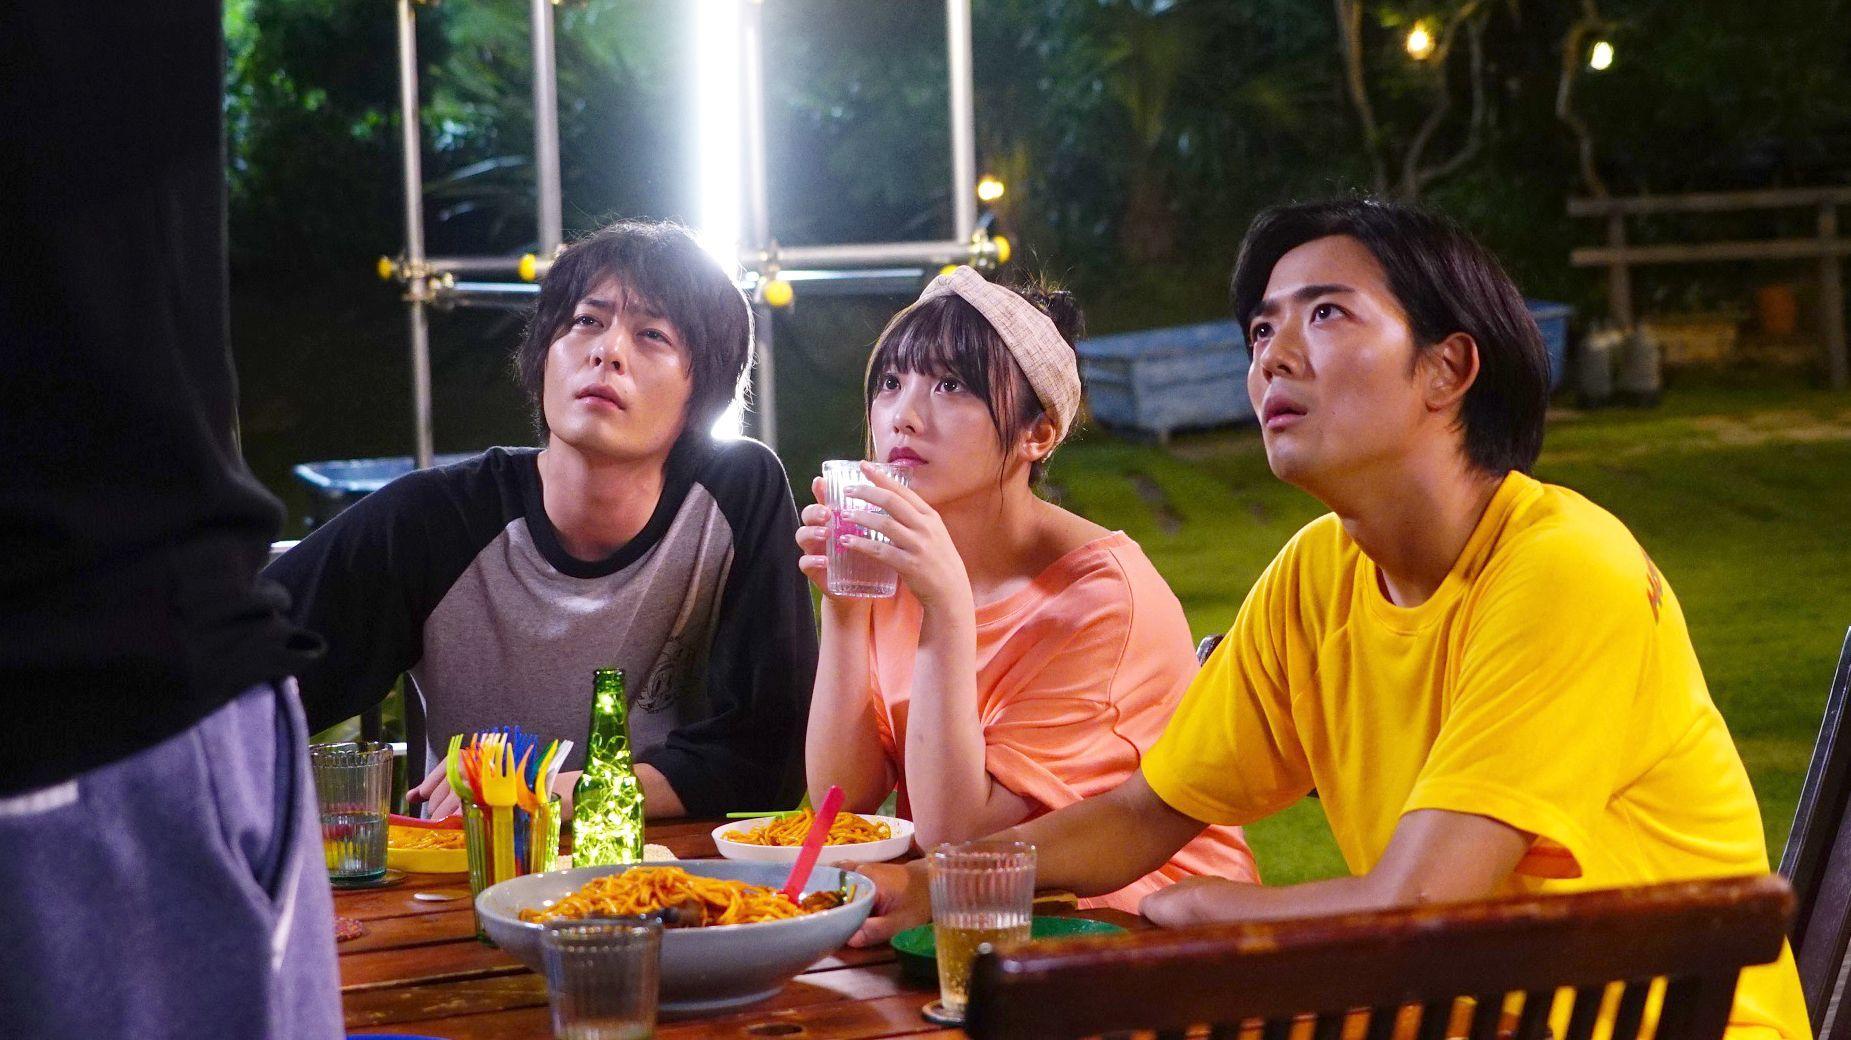 (C)井上堅二・吉岡公威/講談社(C)2020映画「ぐらんぶる」製作委員会